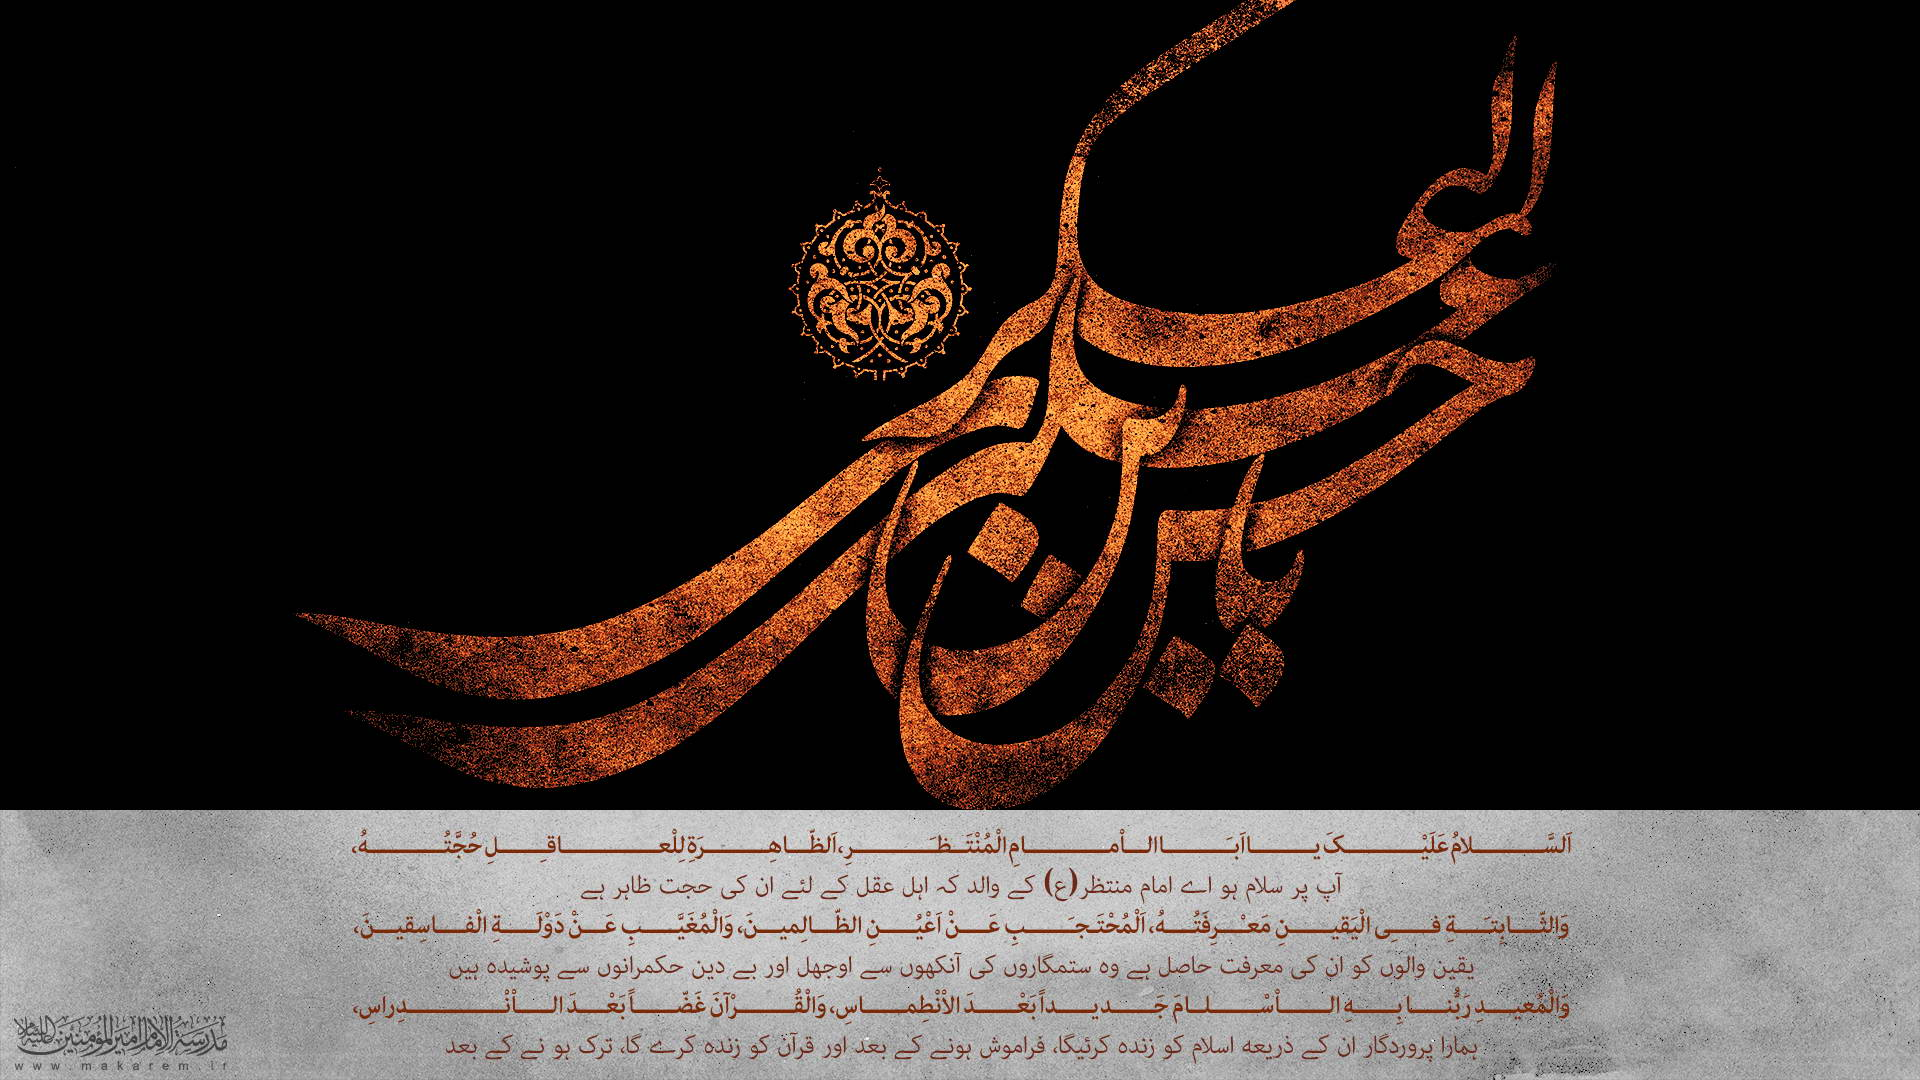 امام عسکری علیه السلام-مدرسه الامام امیر المومنین (ع)